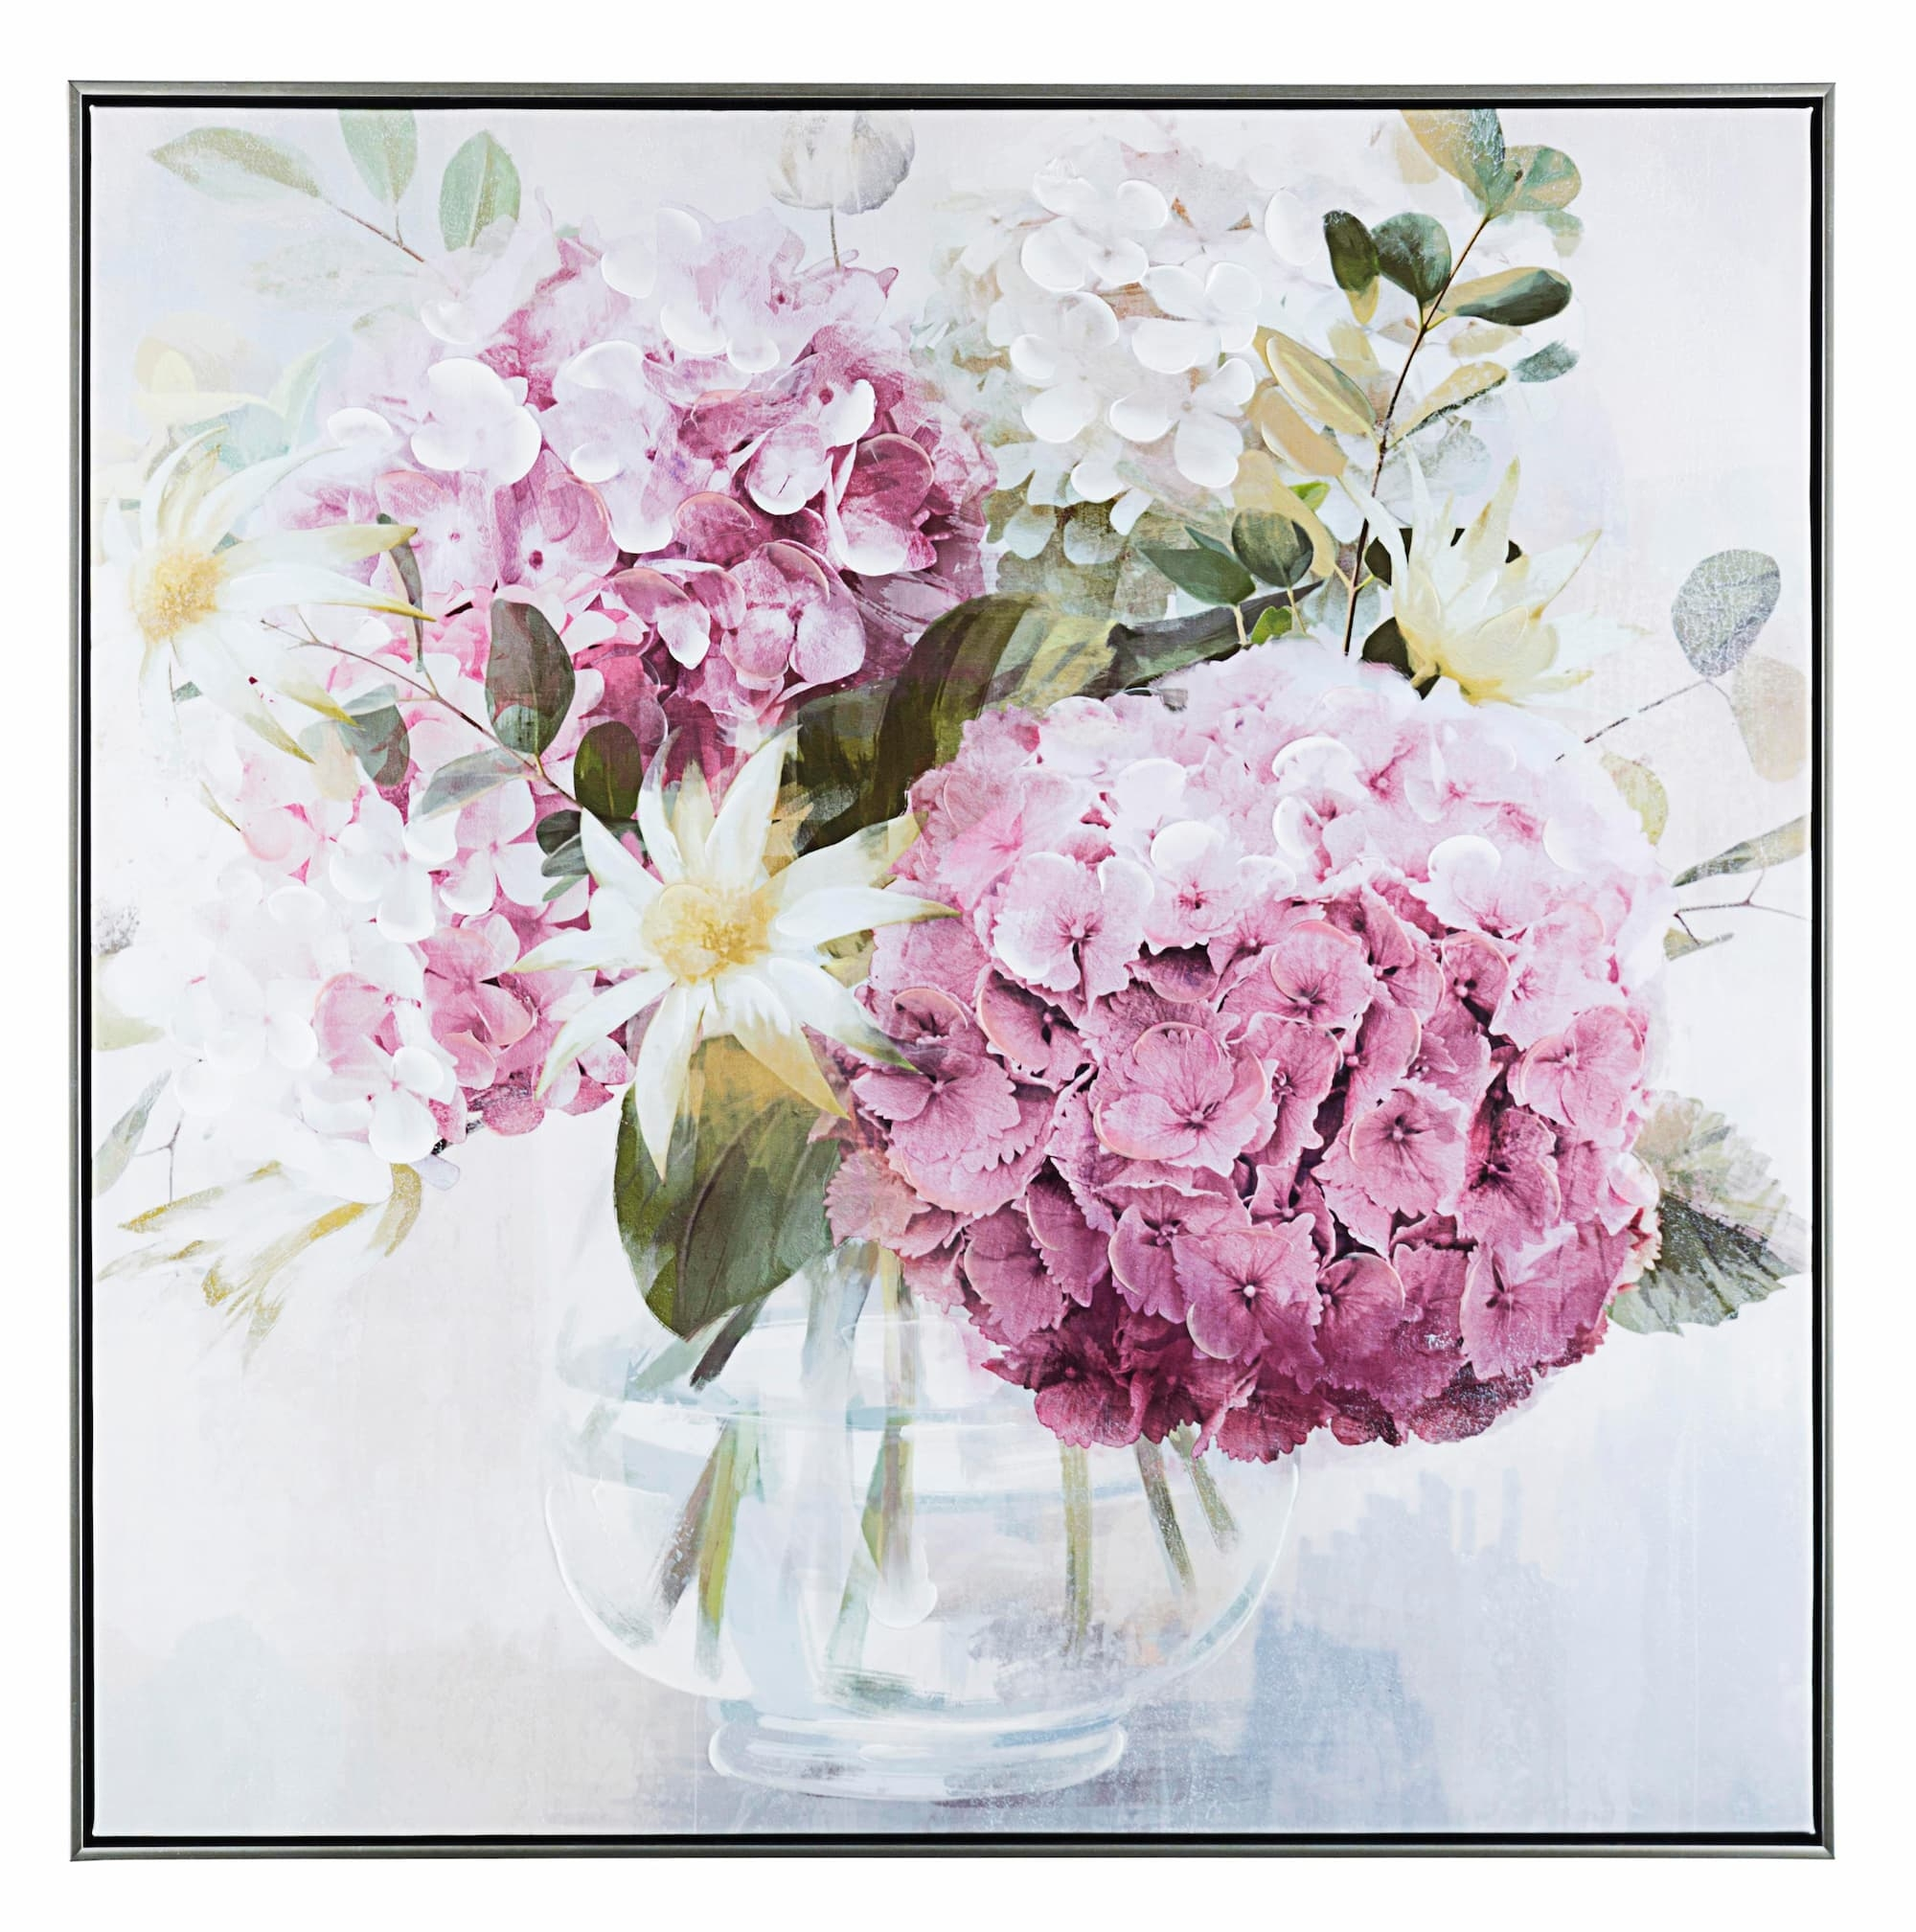 Tablou Canvas Crown P2314-1, 82,5 x 82,5 cm imagine